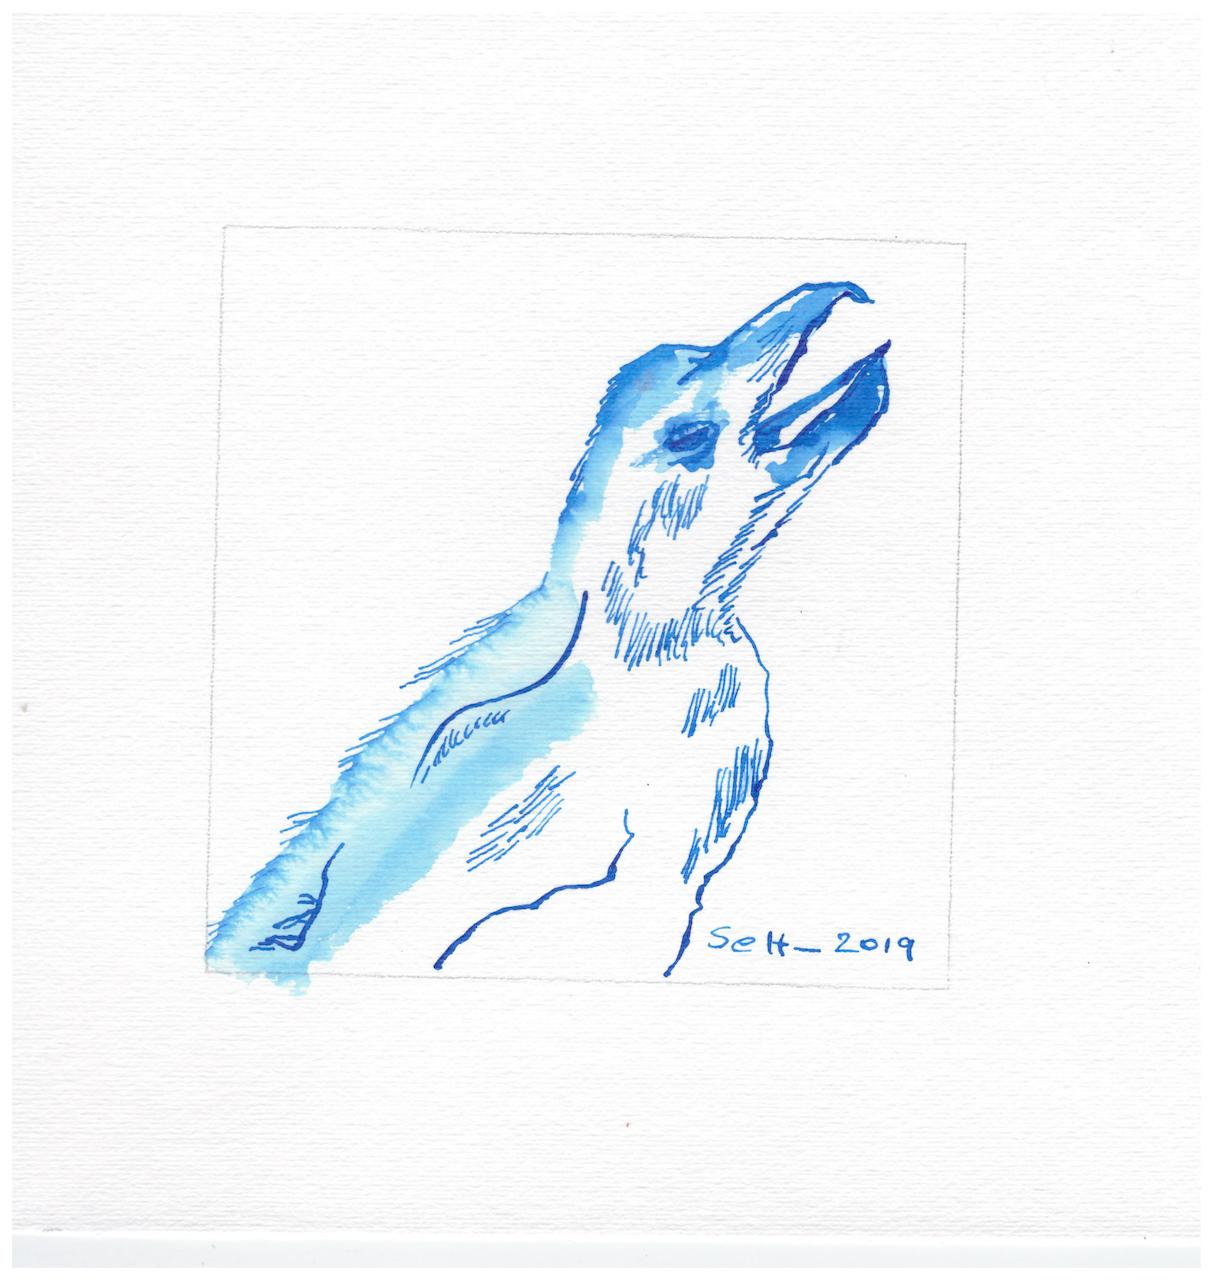 Afrika, Pinguin, Zeichnung von Susanne Haun (c) VG Bild-Kunst, Bonn 2019